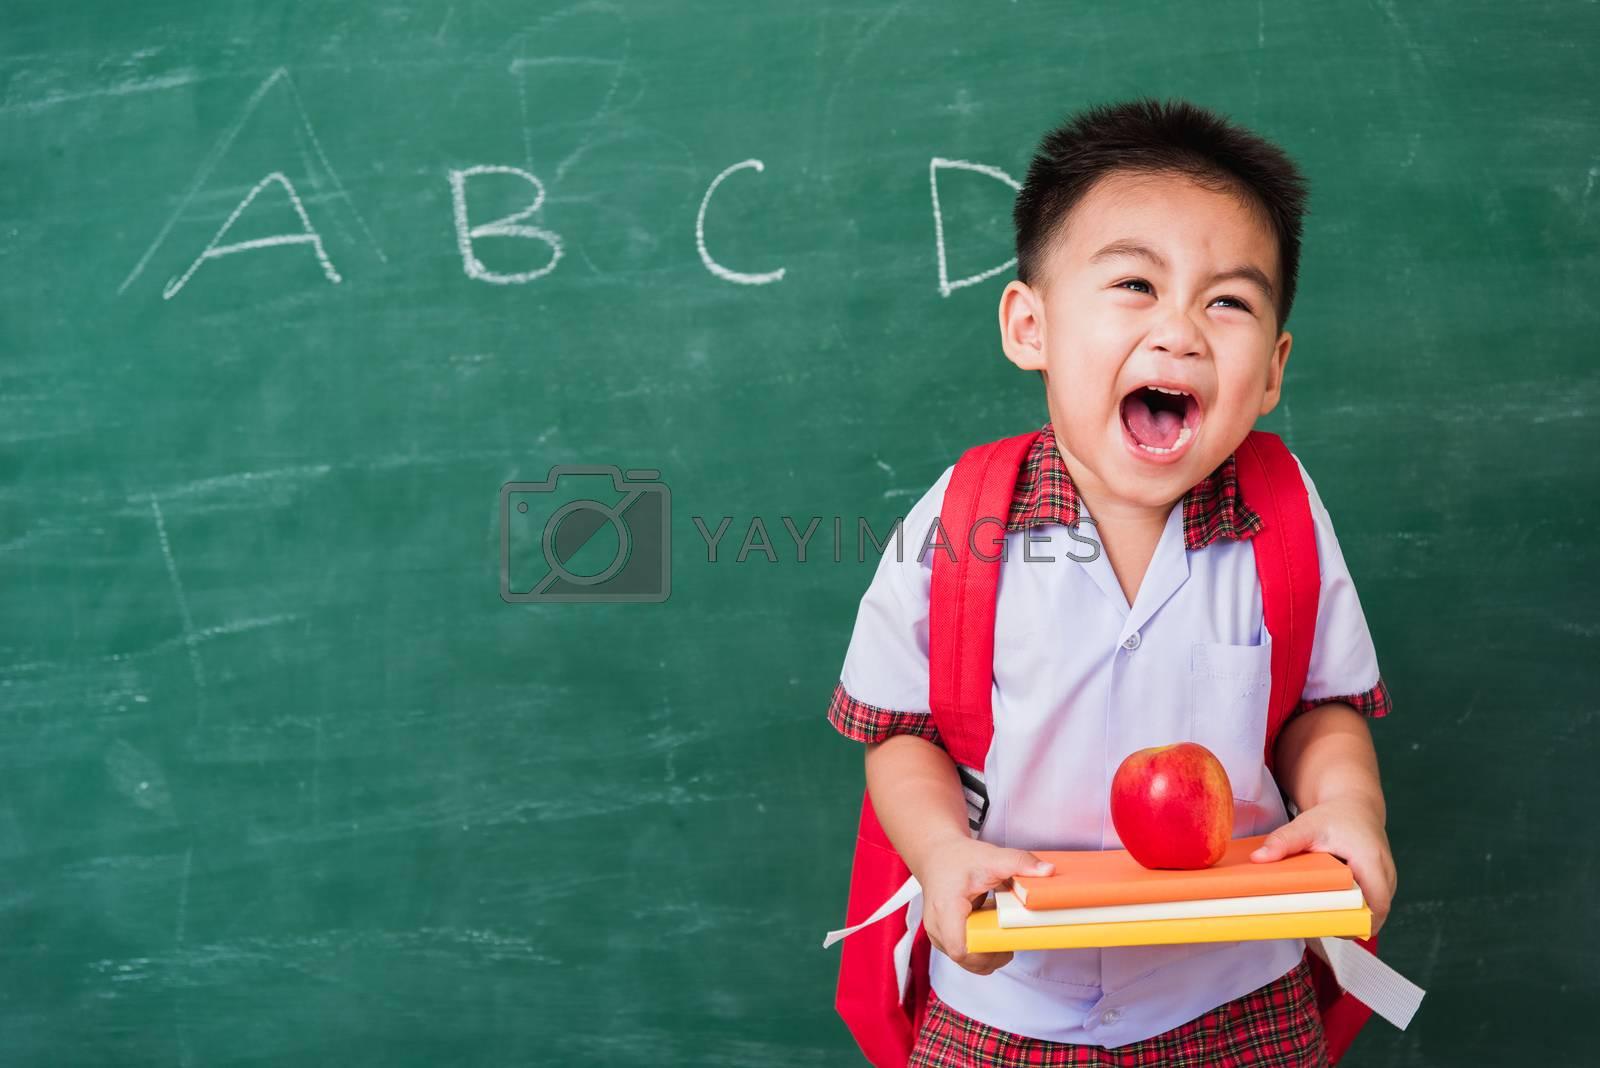 Child boy from kindergarten in student uniform with school bag h by Sorapop